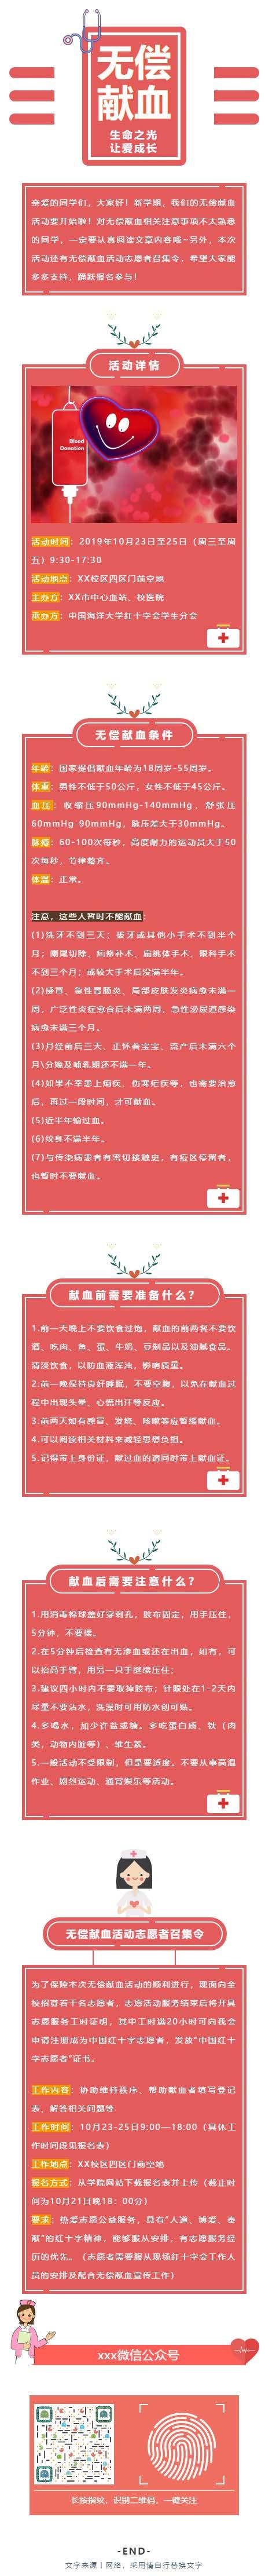 无偿献血红色风格医药行业医院护士医生微信公众号推文模板推送图文